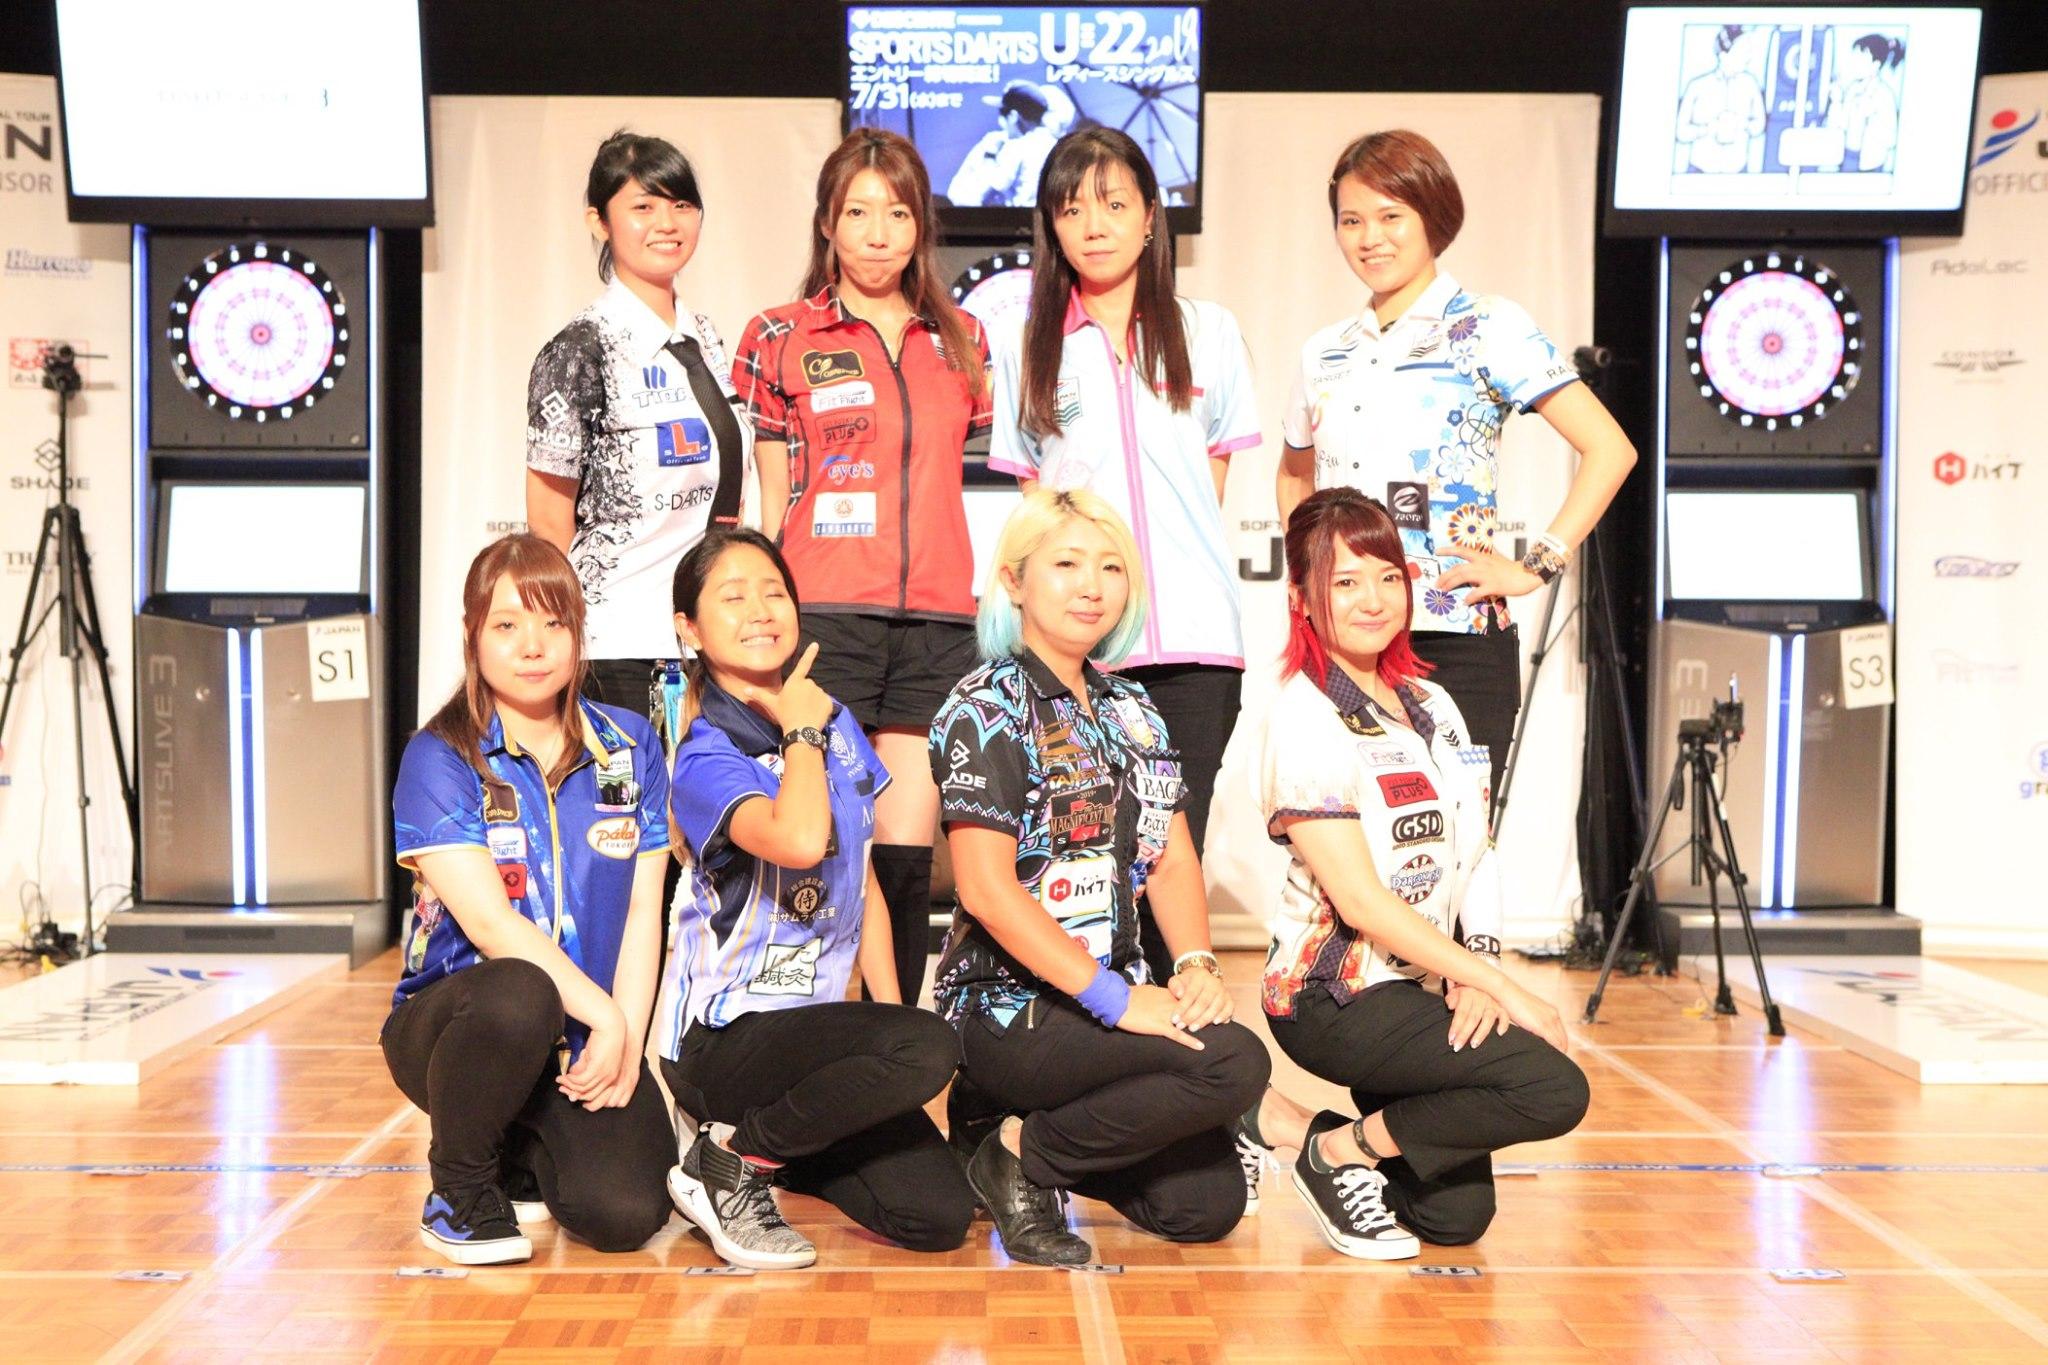 【JAPAN 2019】STAGE 7 北海道:JAPAN LADIES 8